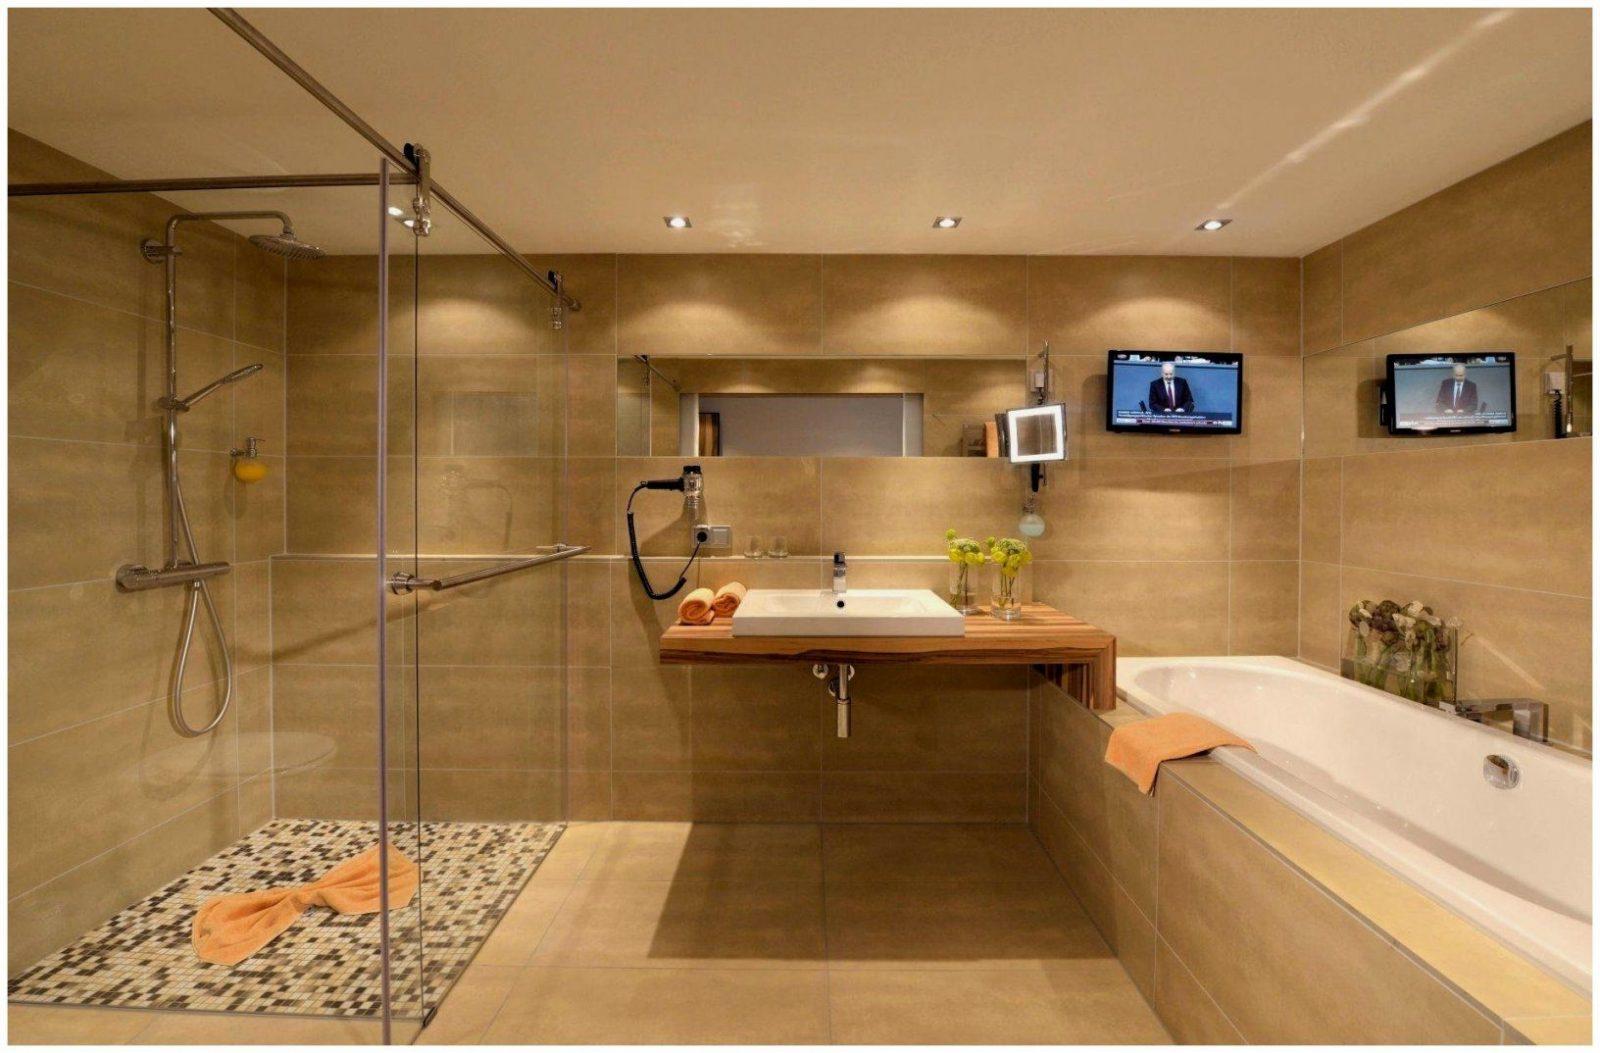 Genial Badezimmer Ausstellung Nrw Galerie Der Badezimmer Dekoration von Badezimmer Ausstellung Nrw Photo